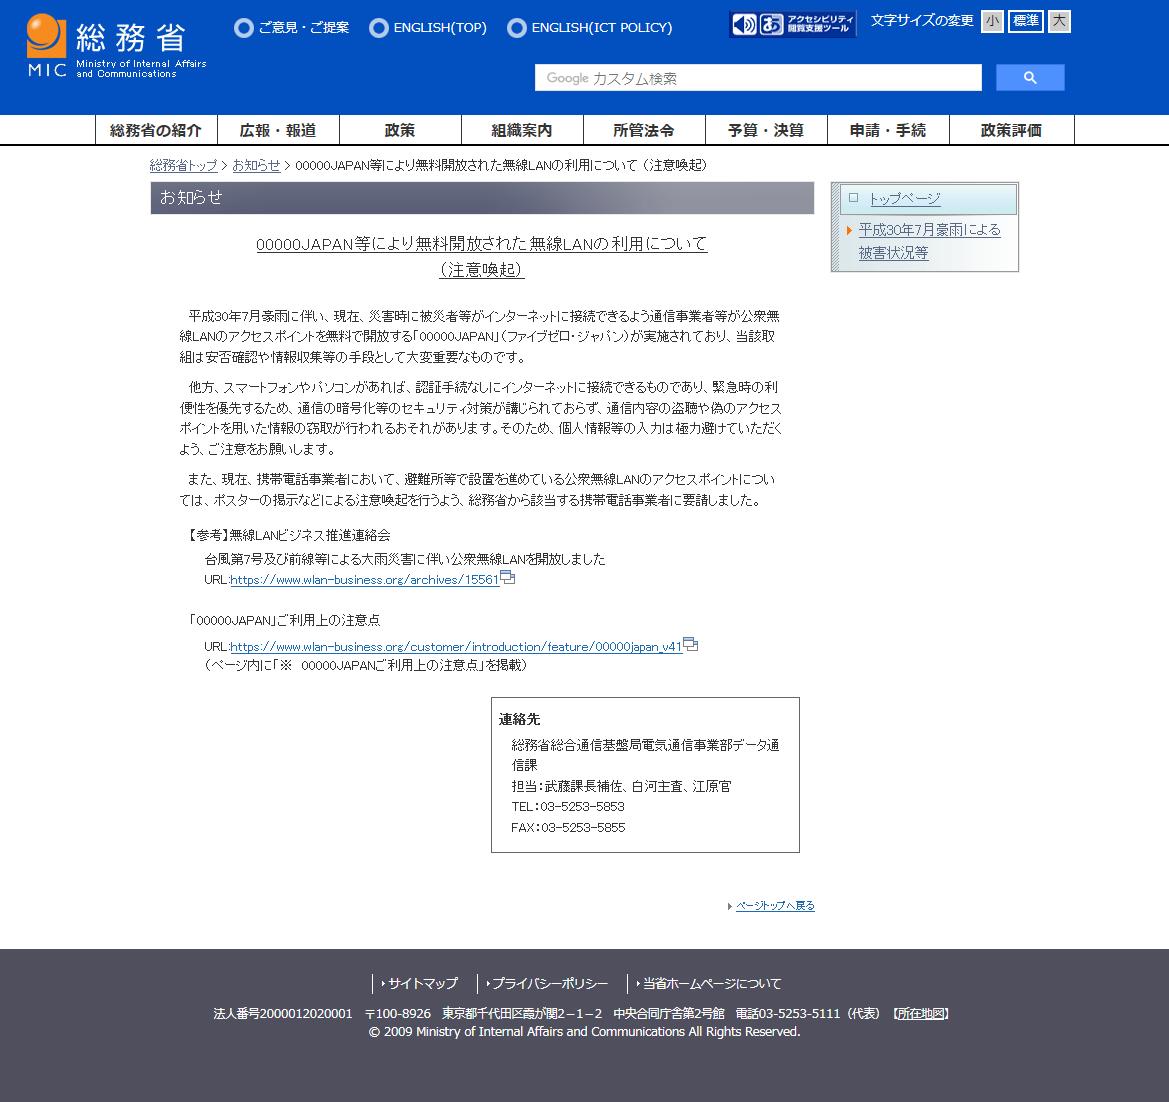 総務省のウェブサイトで公開されている注意喚起情報